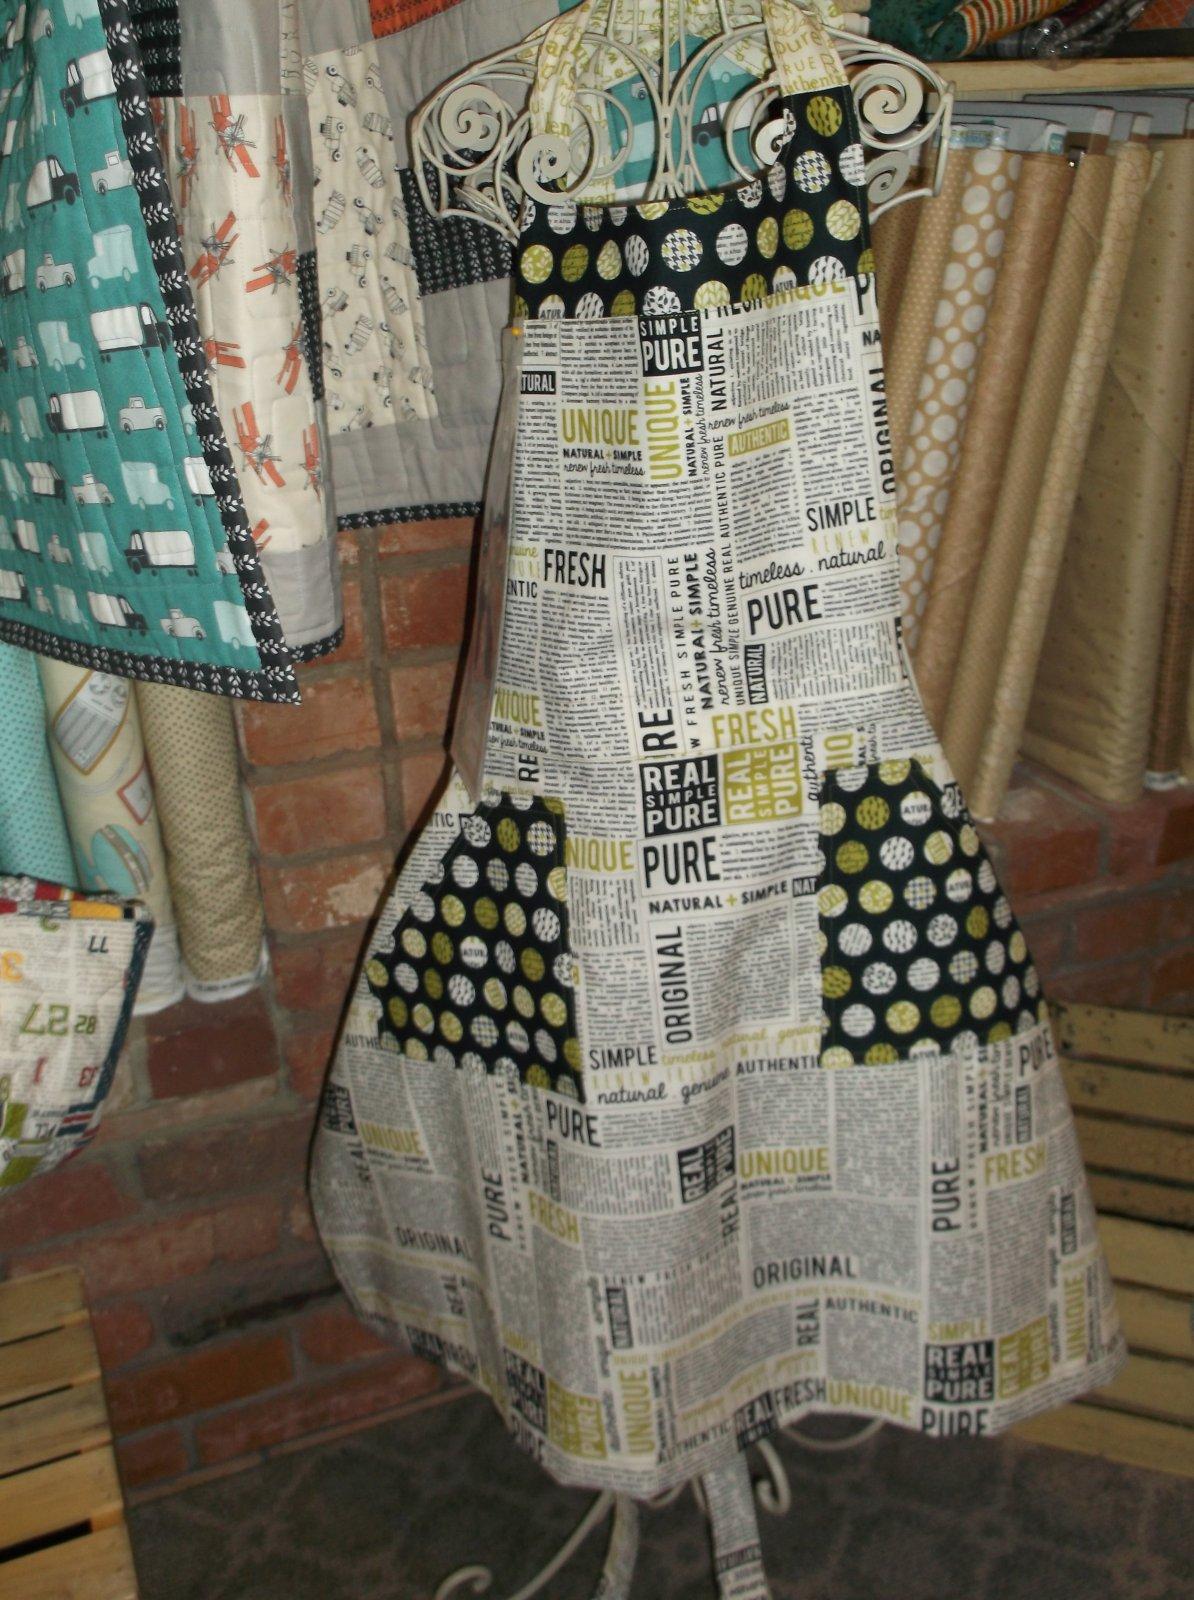 Mix Measure Stir Apron Kit Authentic fabric